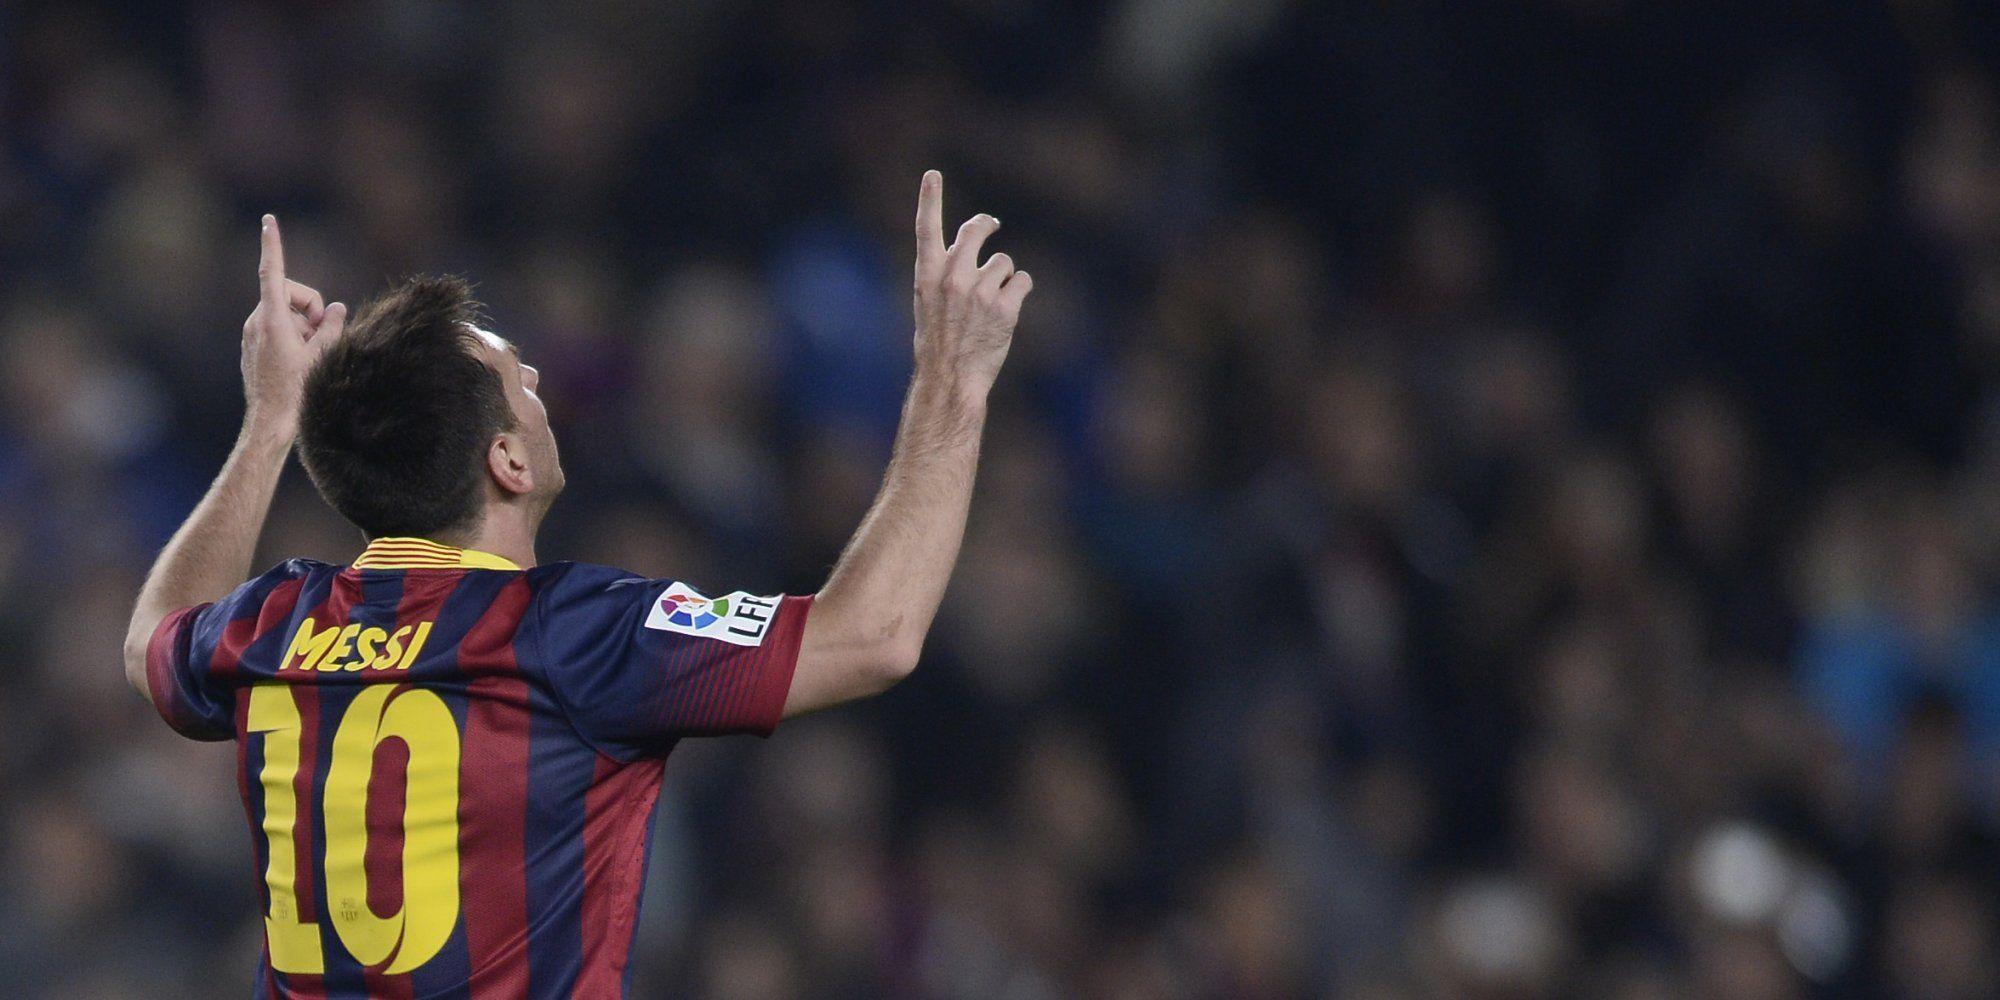 গোলের পর প্রতিবার আকাশের দিকে তাকিয়ে কাকে স্মরণ করেন Lionel Messi?